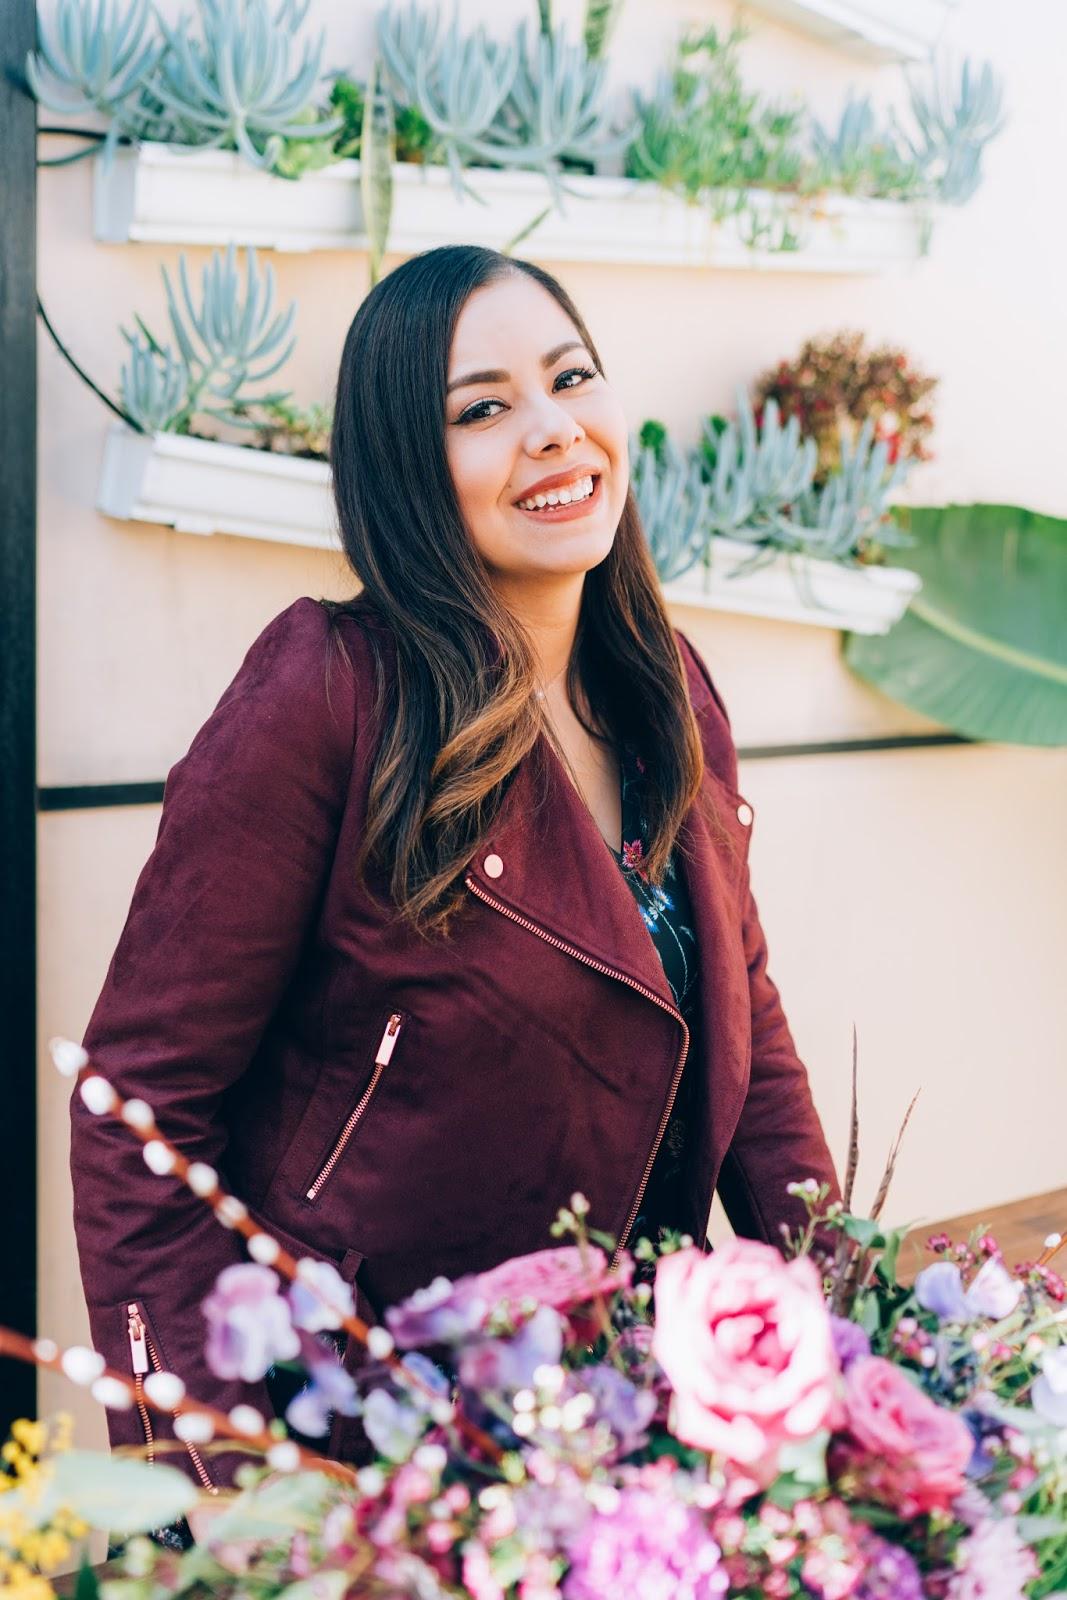 San Diego Fashion Blogger, San Diego Style Bloggers, San Diego style bloggers founder